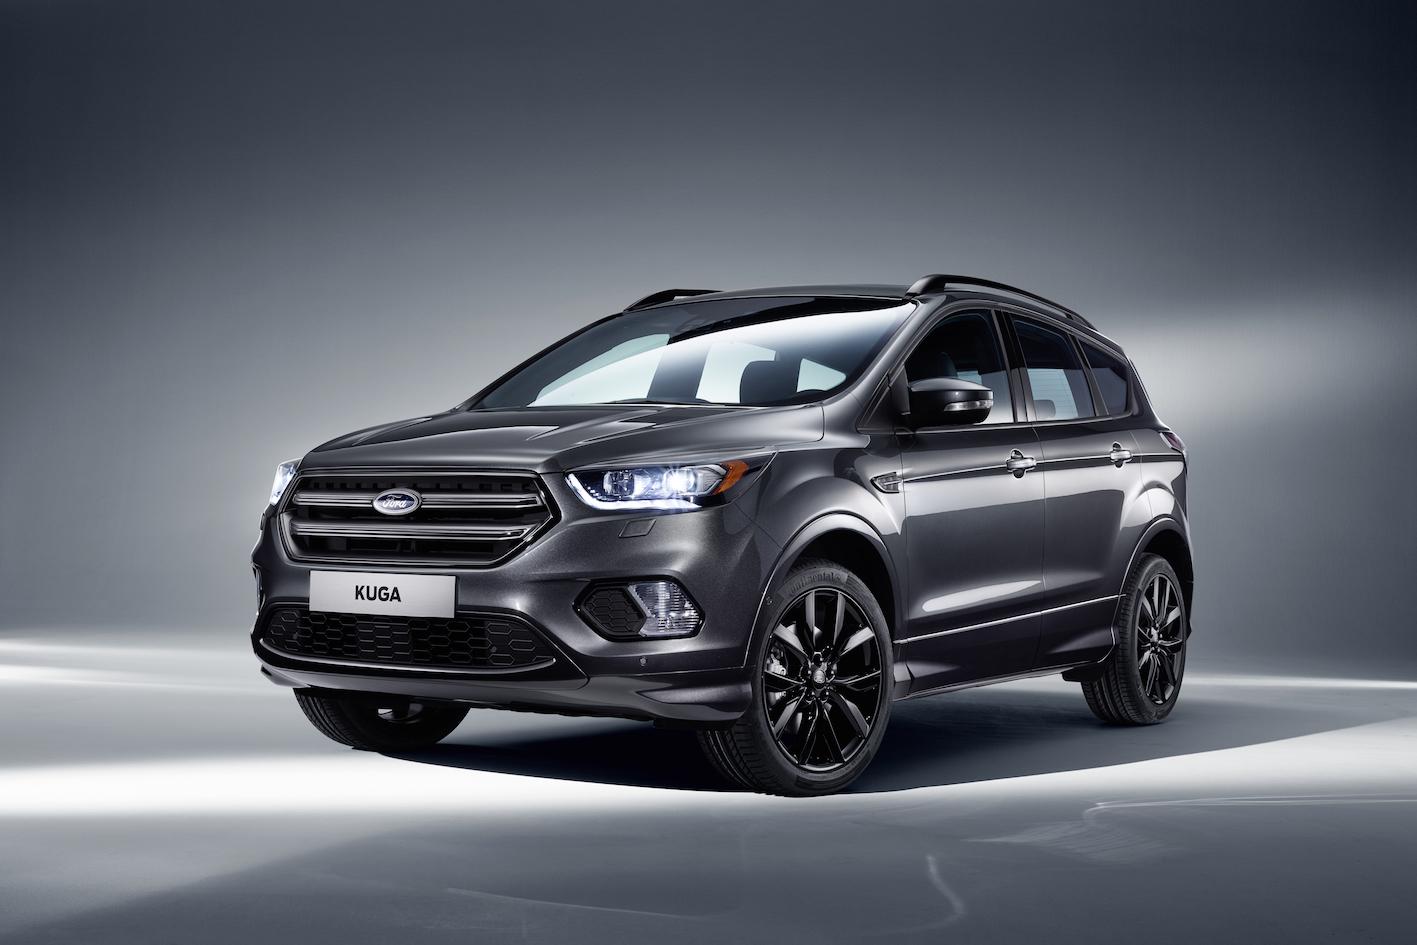 Ford bringt den Kuga neu | Fahrspass24